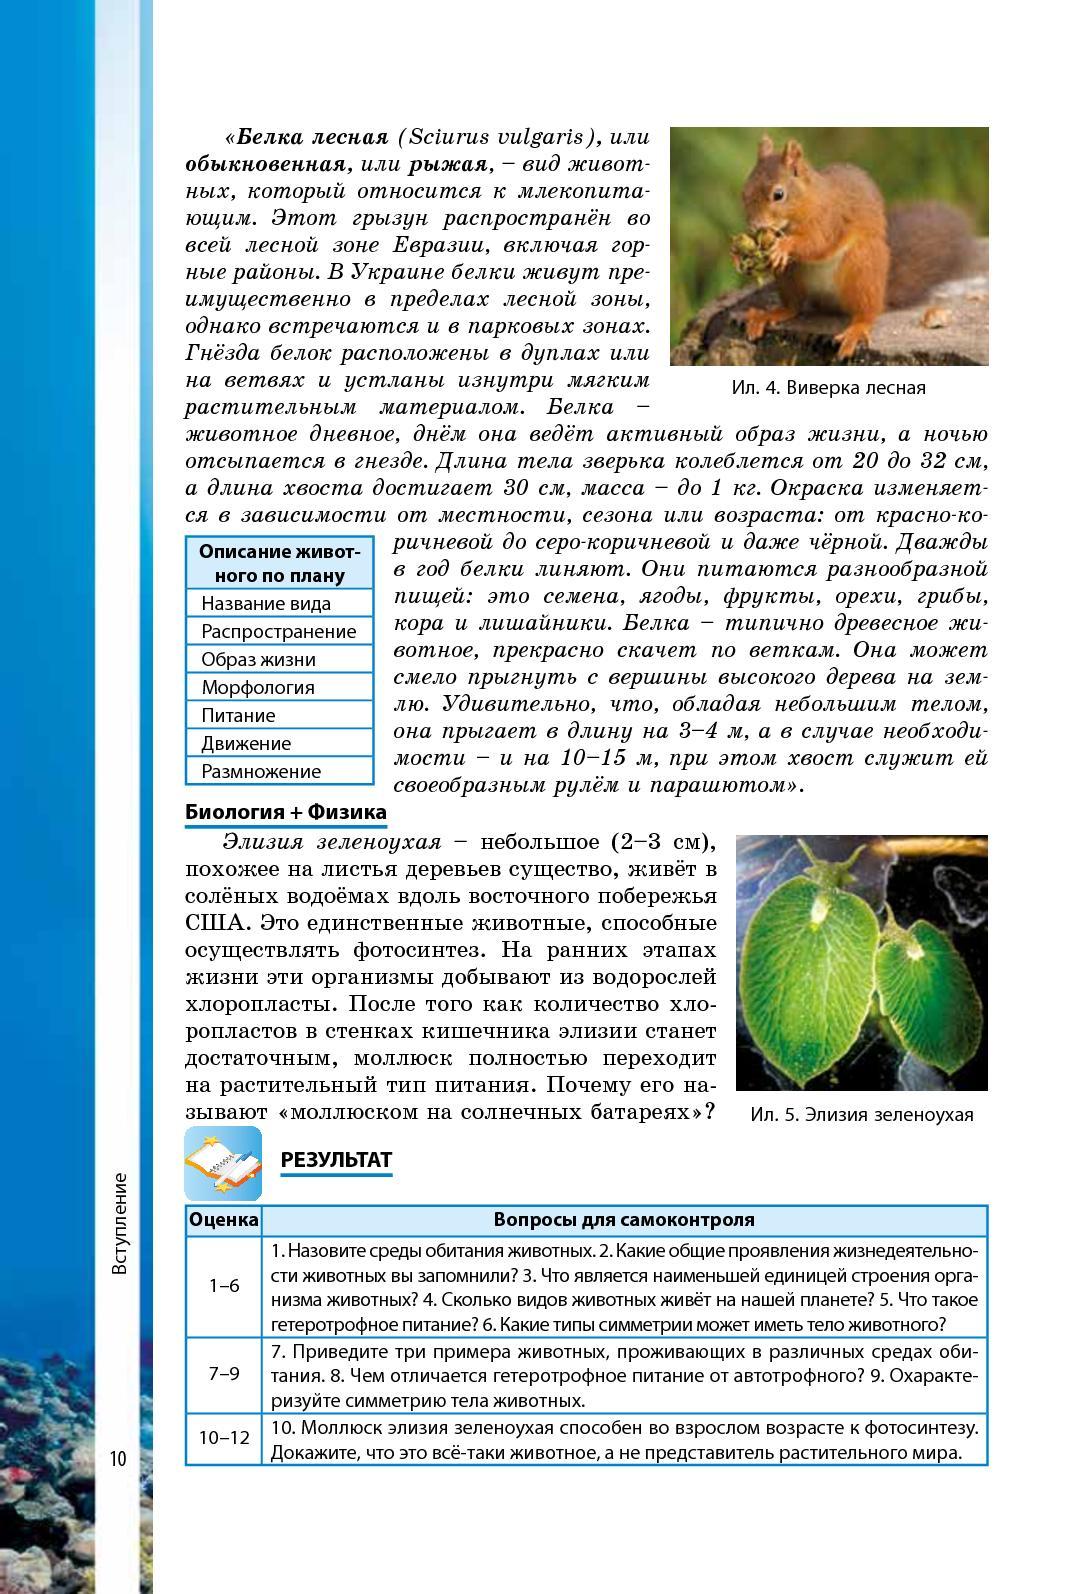 Клас 7 2019 біологія підручник гдз соболь